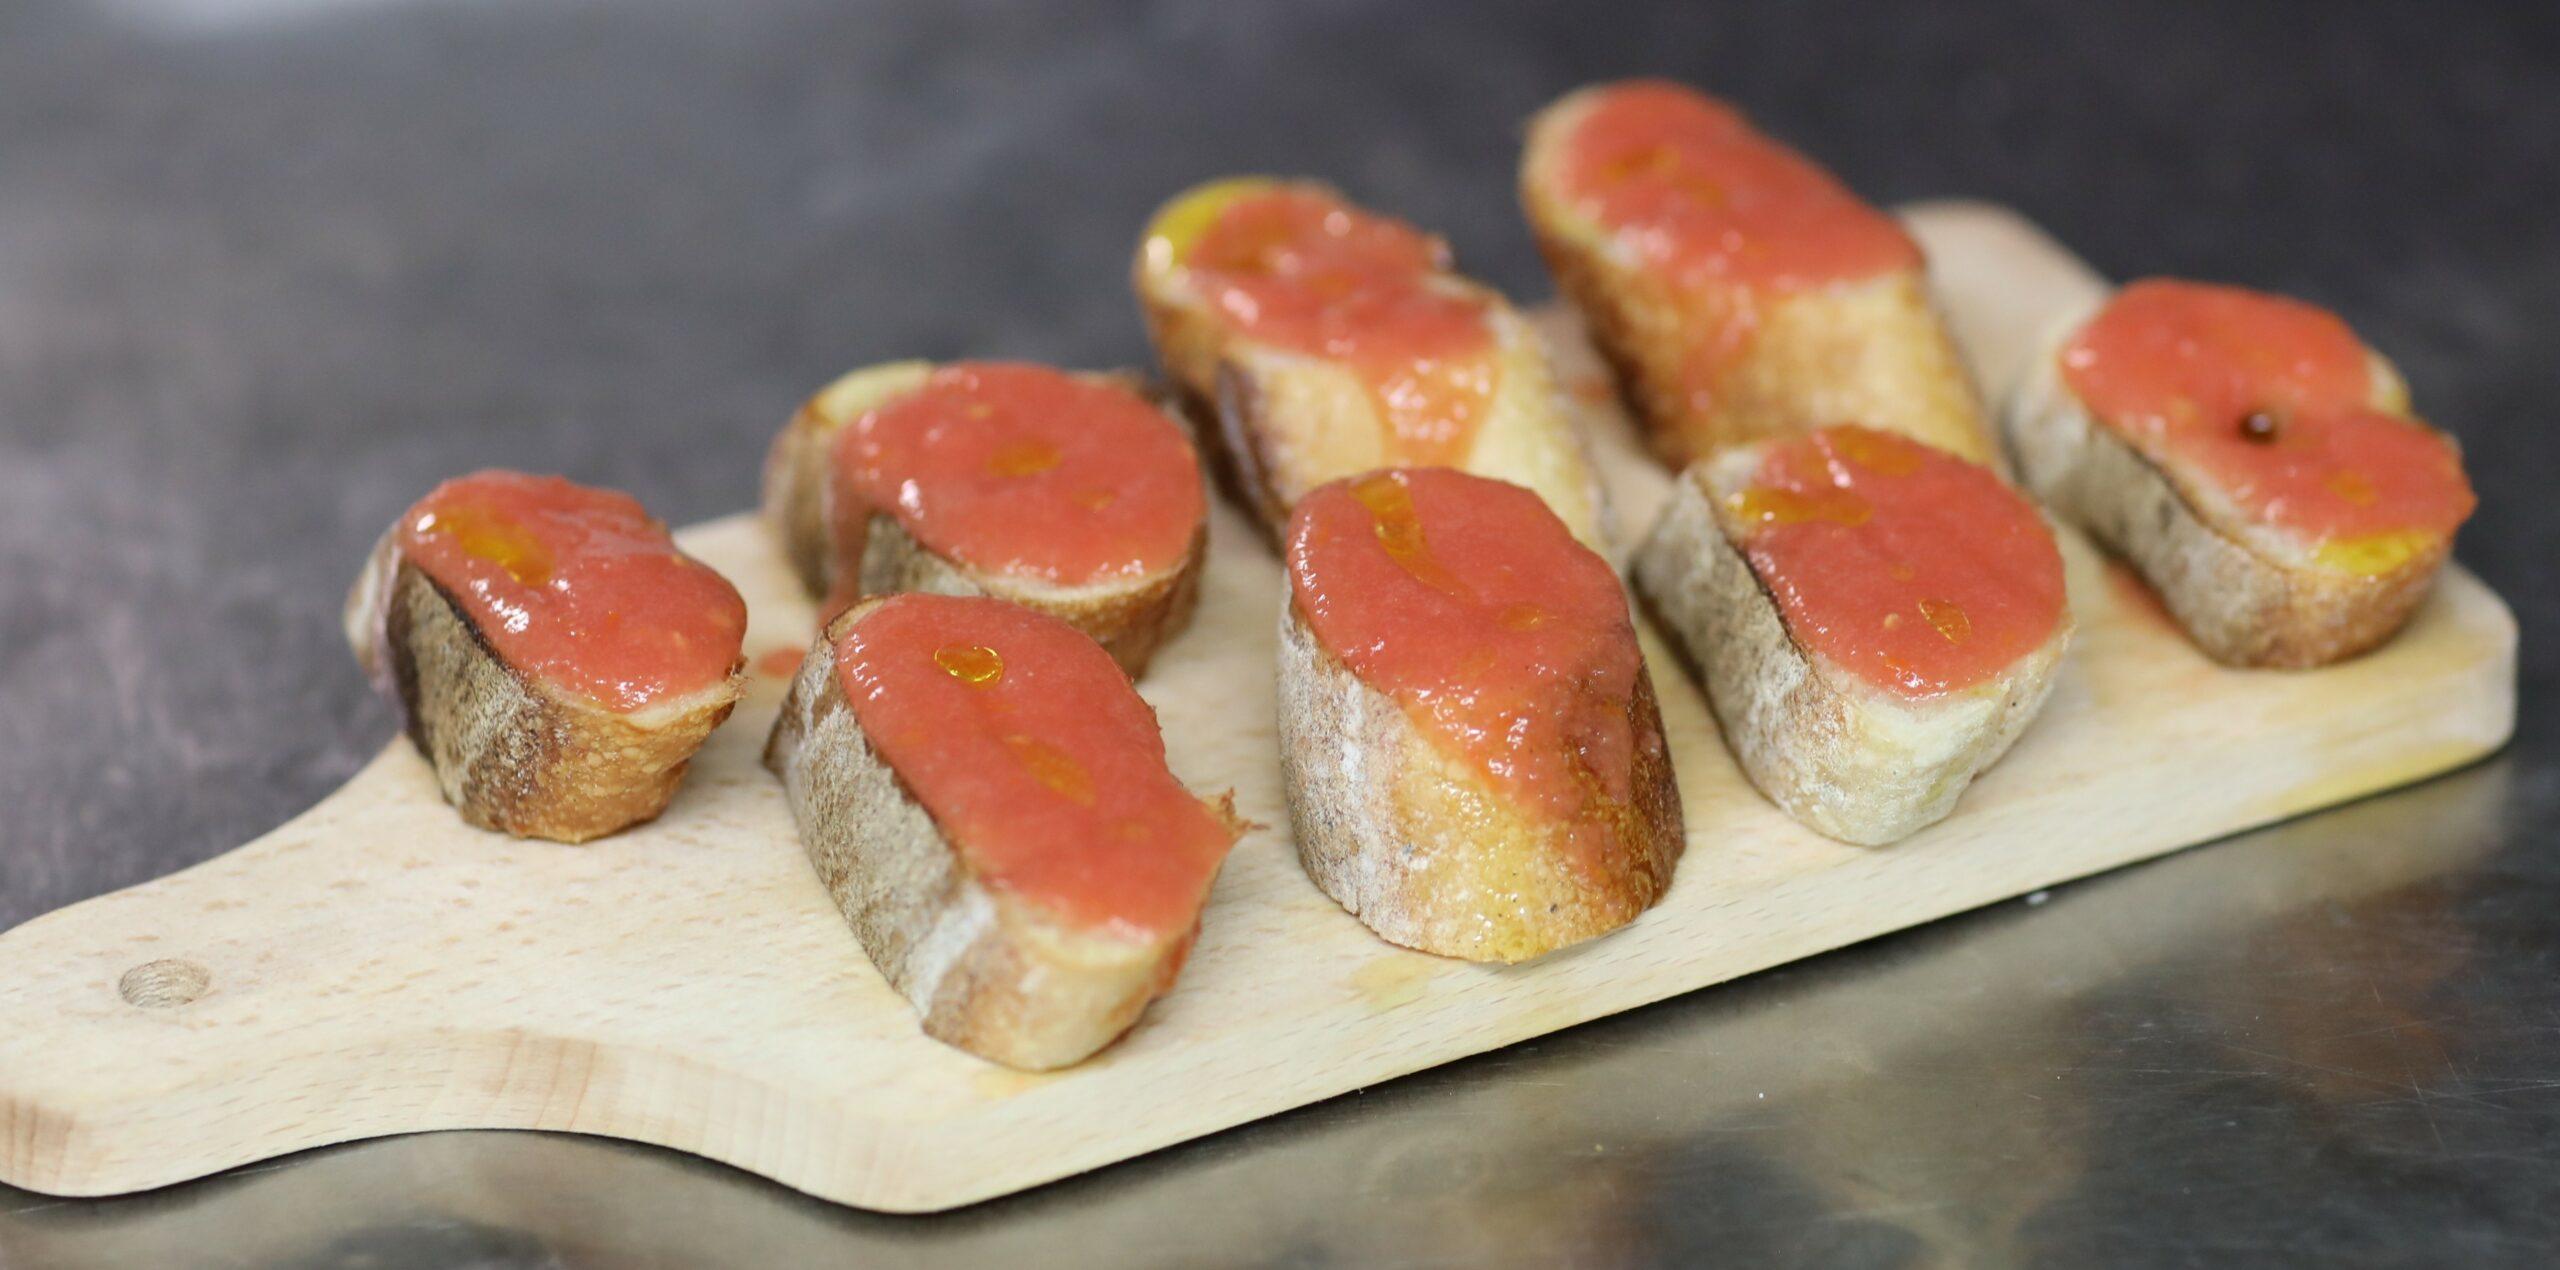 recette du pan con tomate servi au resto espagnol Les Piétons à Paris